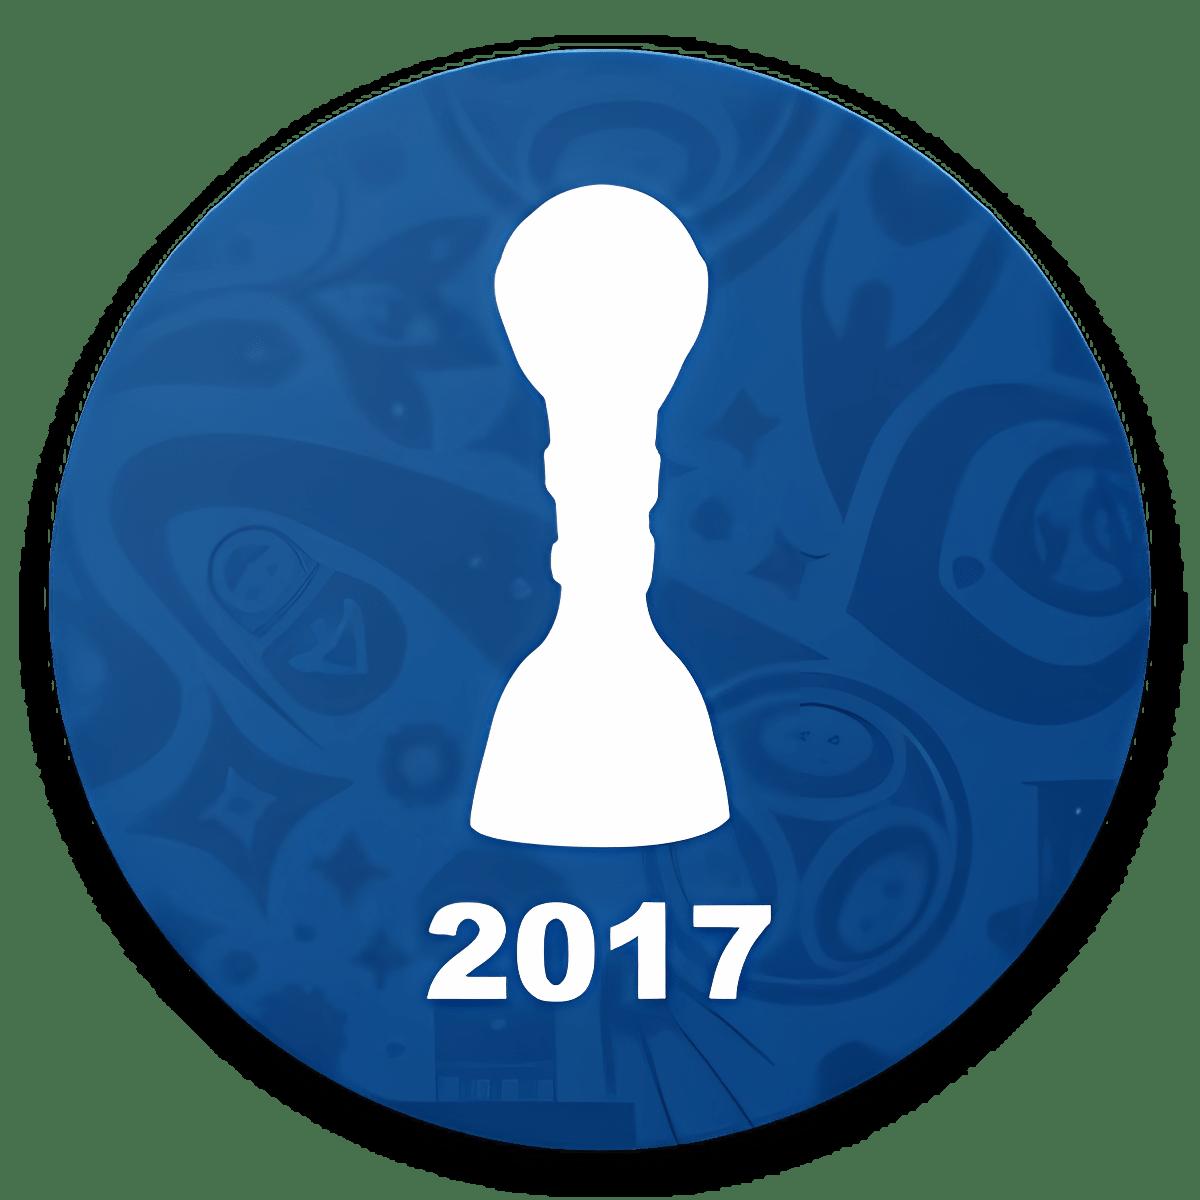 Russia Confederations Cup 2017